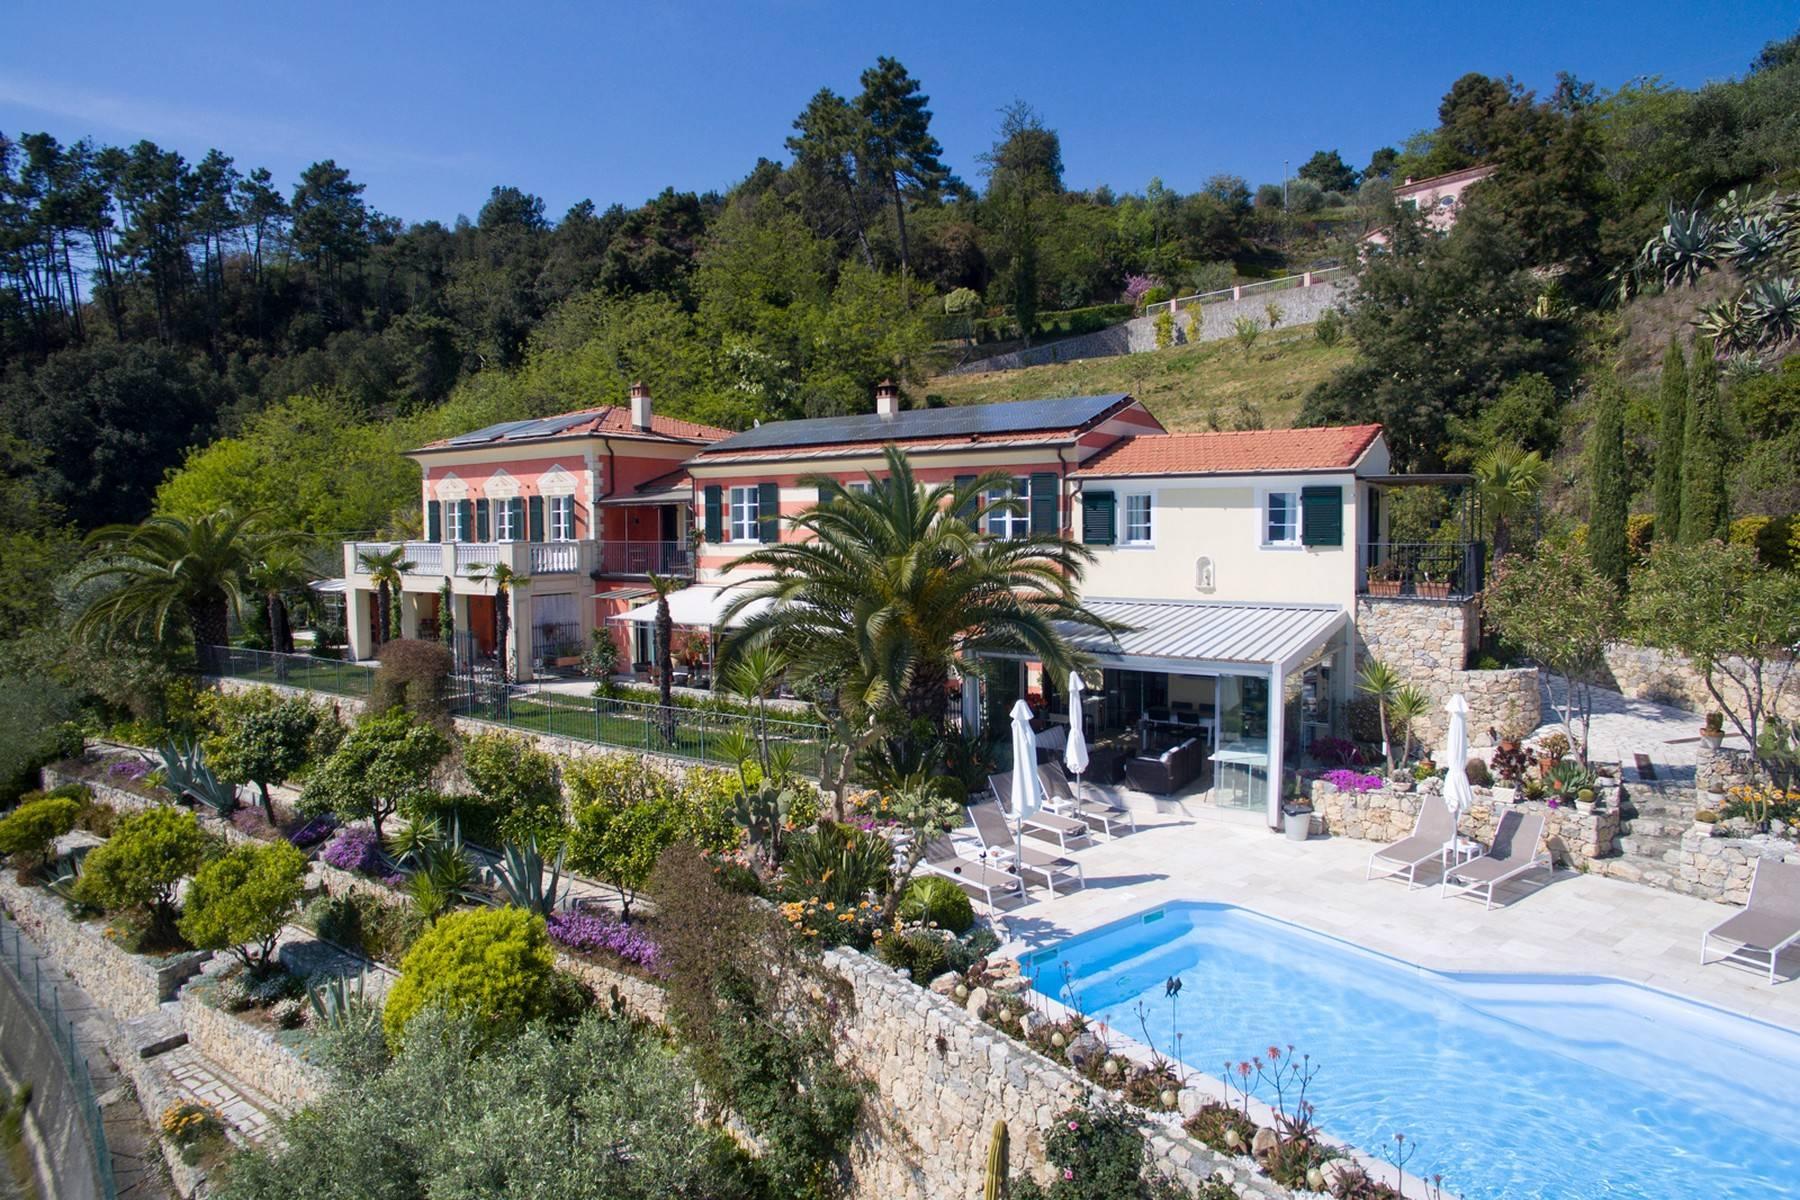 Wunderschöne Villa mit Blick auf die Bucht von La Spezia - 1